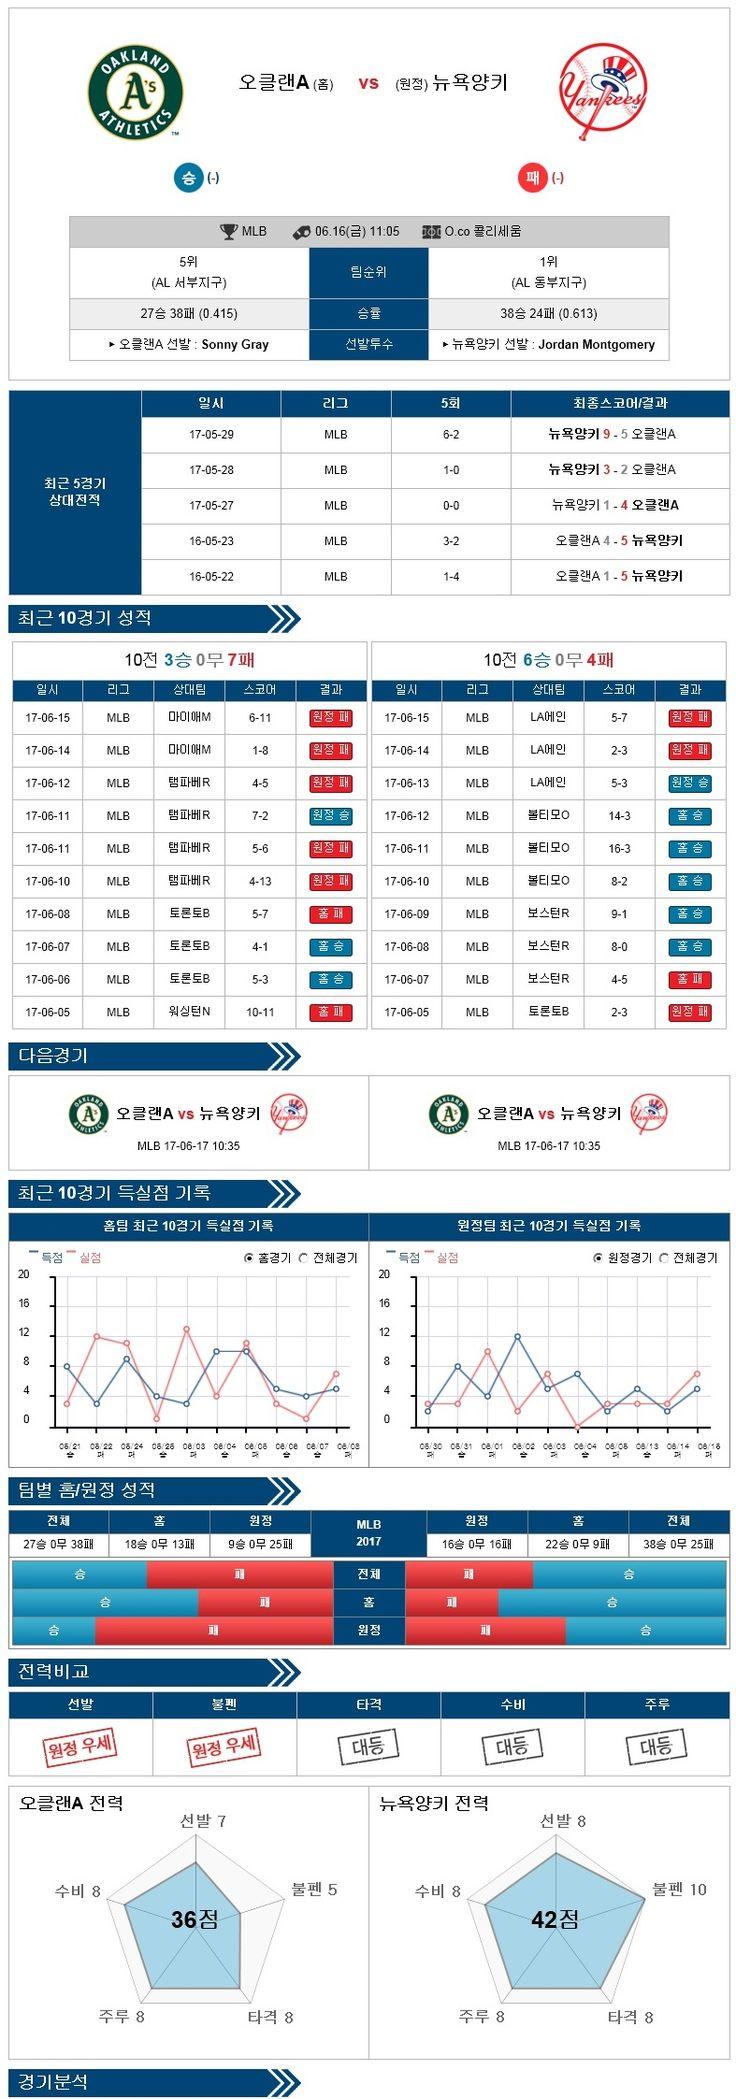 [MLB] 6월 15일 야구분석픽 오클랜드 vs 뉴욕양키스 ★토토군 분석픽★